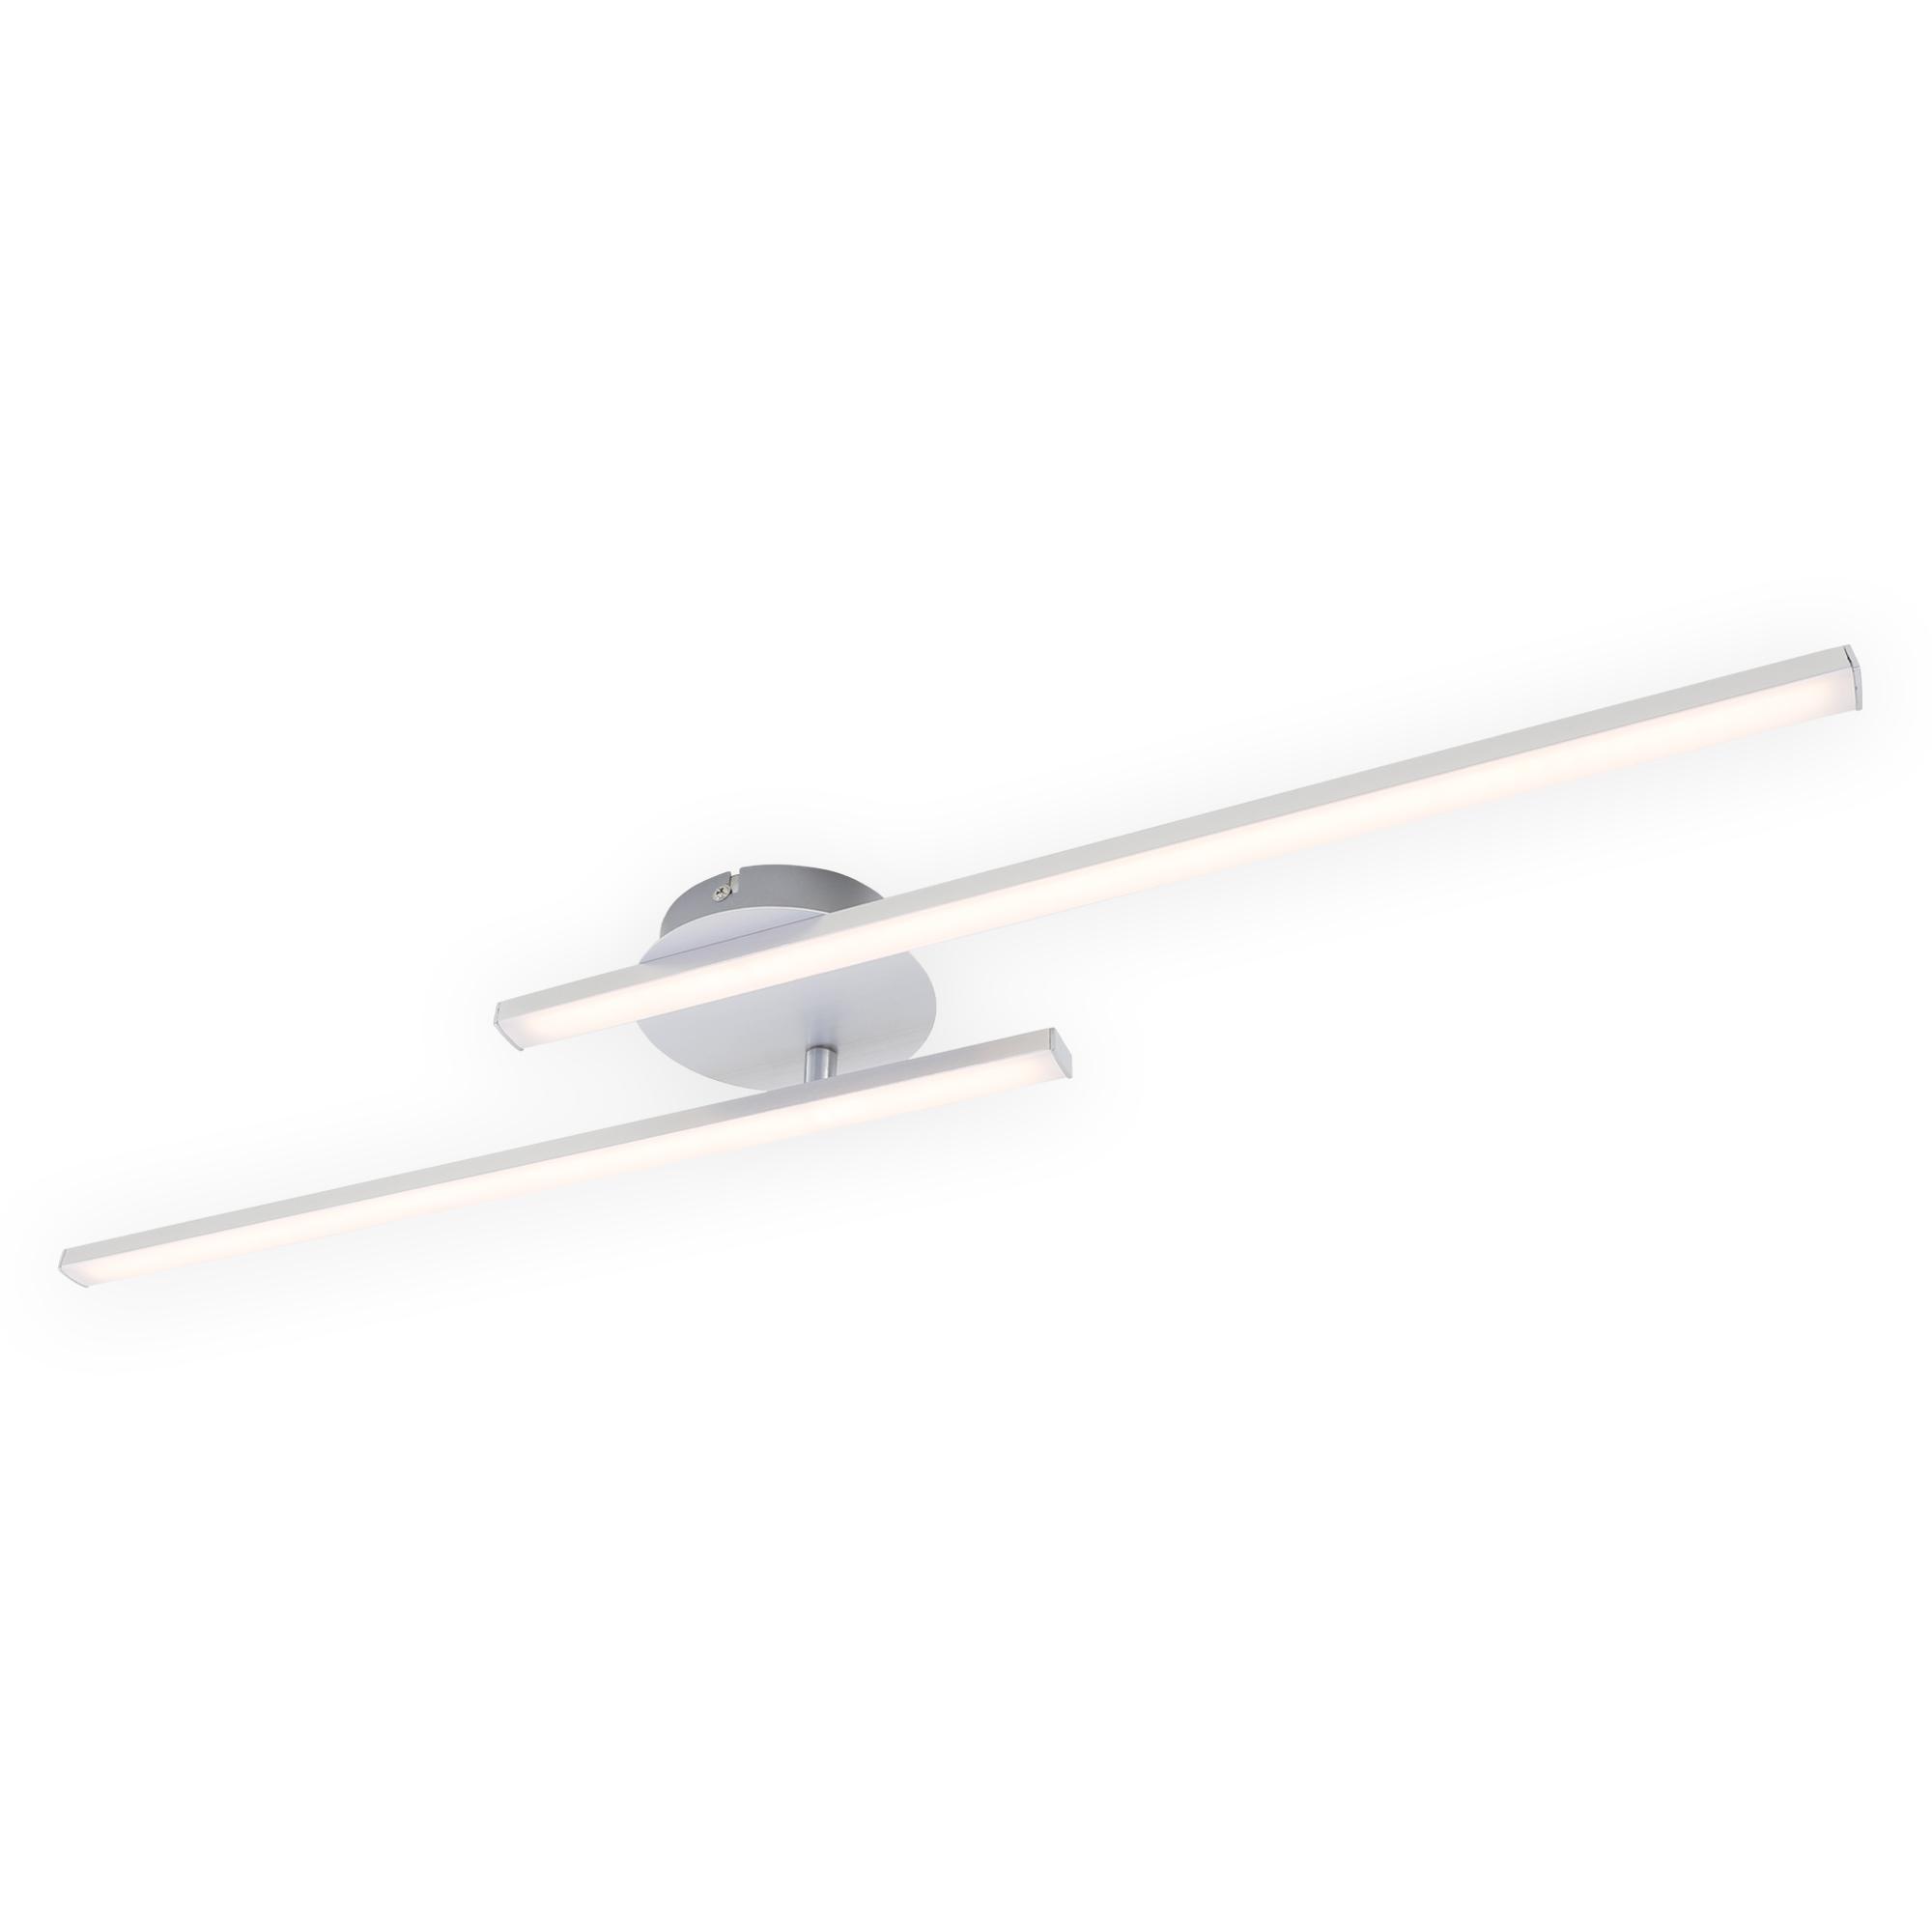 LED Wand- und Deckenleuchte, 78,2 cm, 18 W, Alu